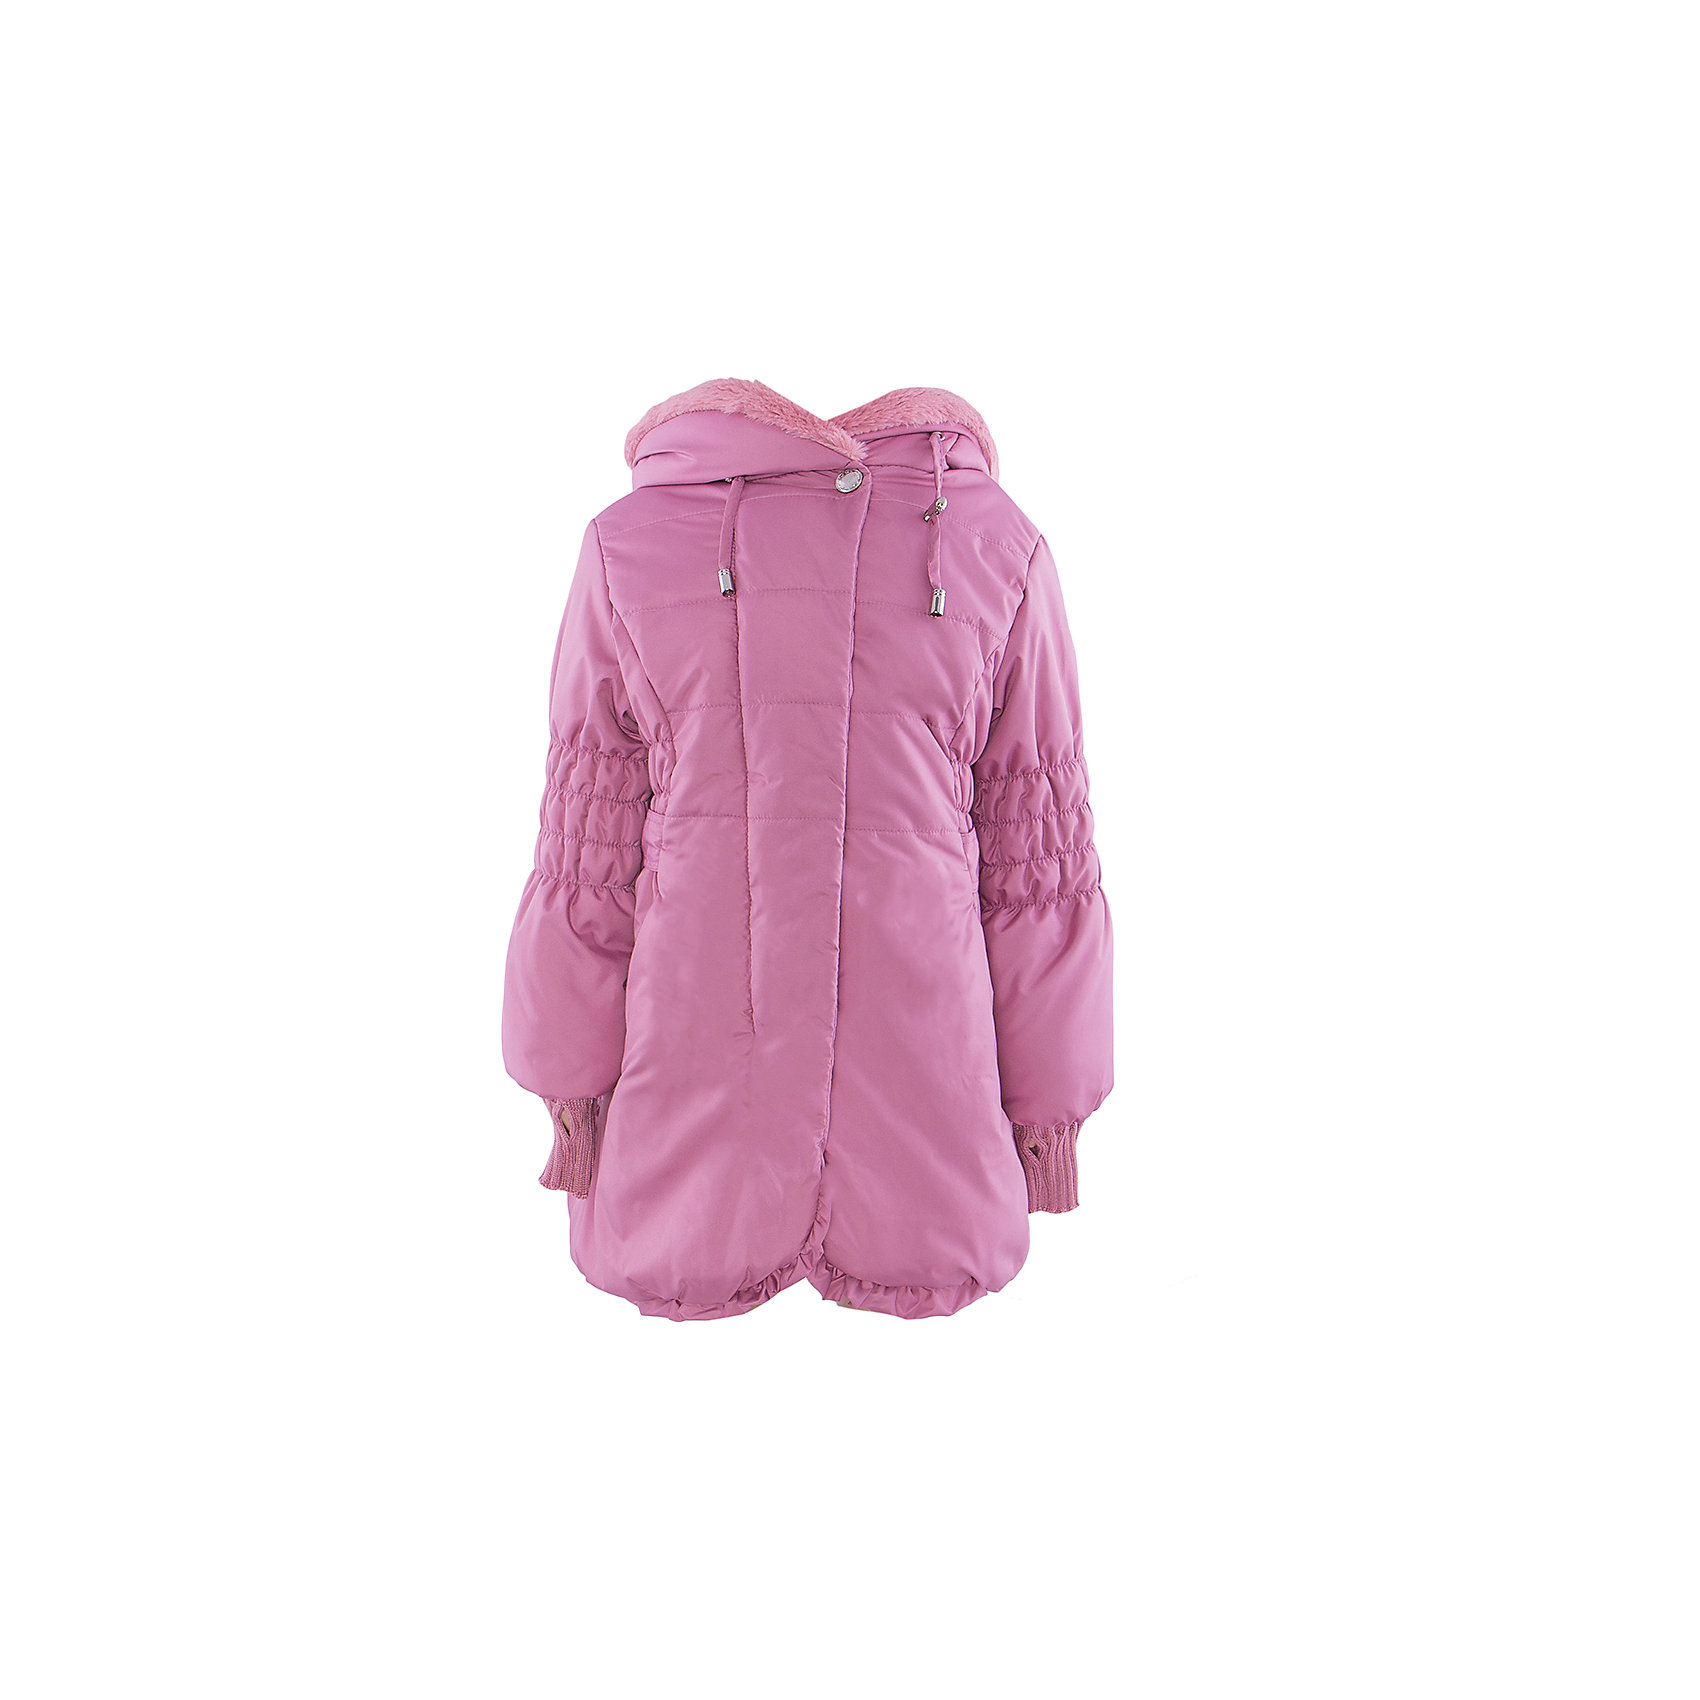 Куртка для девочки АртельКуртка для девочки от торговой марки Артель &#13;<br>&#13;<br>Очень эффектная куртка отлично смотрится и хорошо сидит. Изделие выполнено из качественных материалов, имеет удобные карманы и капюшон. Отличный вариант для переменной погоды межсезонья!&#13;<br>Одежда от бренда Артель – это высокое качество по приемлемой цене и всегда продуманный дизайн. &#13;<br>&#13;<br>Особенности модели: &#13;<br>- цвет - розовый;&#13;<br>- наличие карманов;&#13;<br>- наличие капюшона с опушкой;&#13;<br>- ветрозащитный клапан;&#13;<br>- отделка рюшами;&#13;<br>- застежка-молния.&#13;<br>&#13;<br>Дополнительная информация:&#13;<br>&#13;<br>Состав: &#13;<br>- верх: F Multi;&#13;<br>- подкладка: хлопок интерлок;<br>- утеплитель: термофайбер 100гр.<br><br>&#13;<br>Температурный режим: &#13;<br>от -10 °C до +10 °C&#13;<br>&#13;<br>Куртку для девочки Артель (Artel) можно купить в нашем магазине.<br><br>Ширина мм: 356<br>Глубина мм: 10<br>Высота мм: 245<br>Вес г: 519<br>Цвет: розовый<br>Возраст от месяцев: 48<br>Возраст до месяцев: 60<br>Пол: Женский<br>Возраст: Детский<br>Размер: 98,104,116,110,122<br>SKU: 4496019